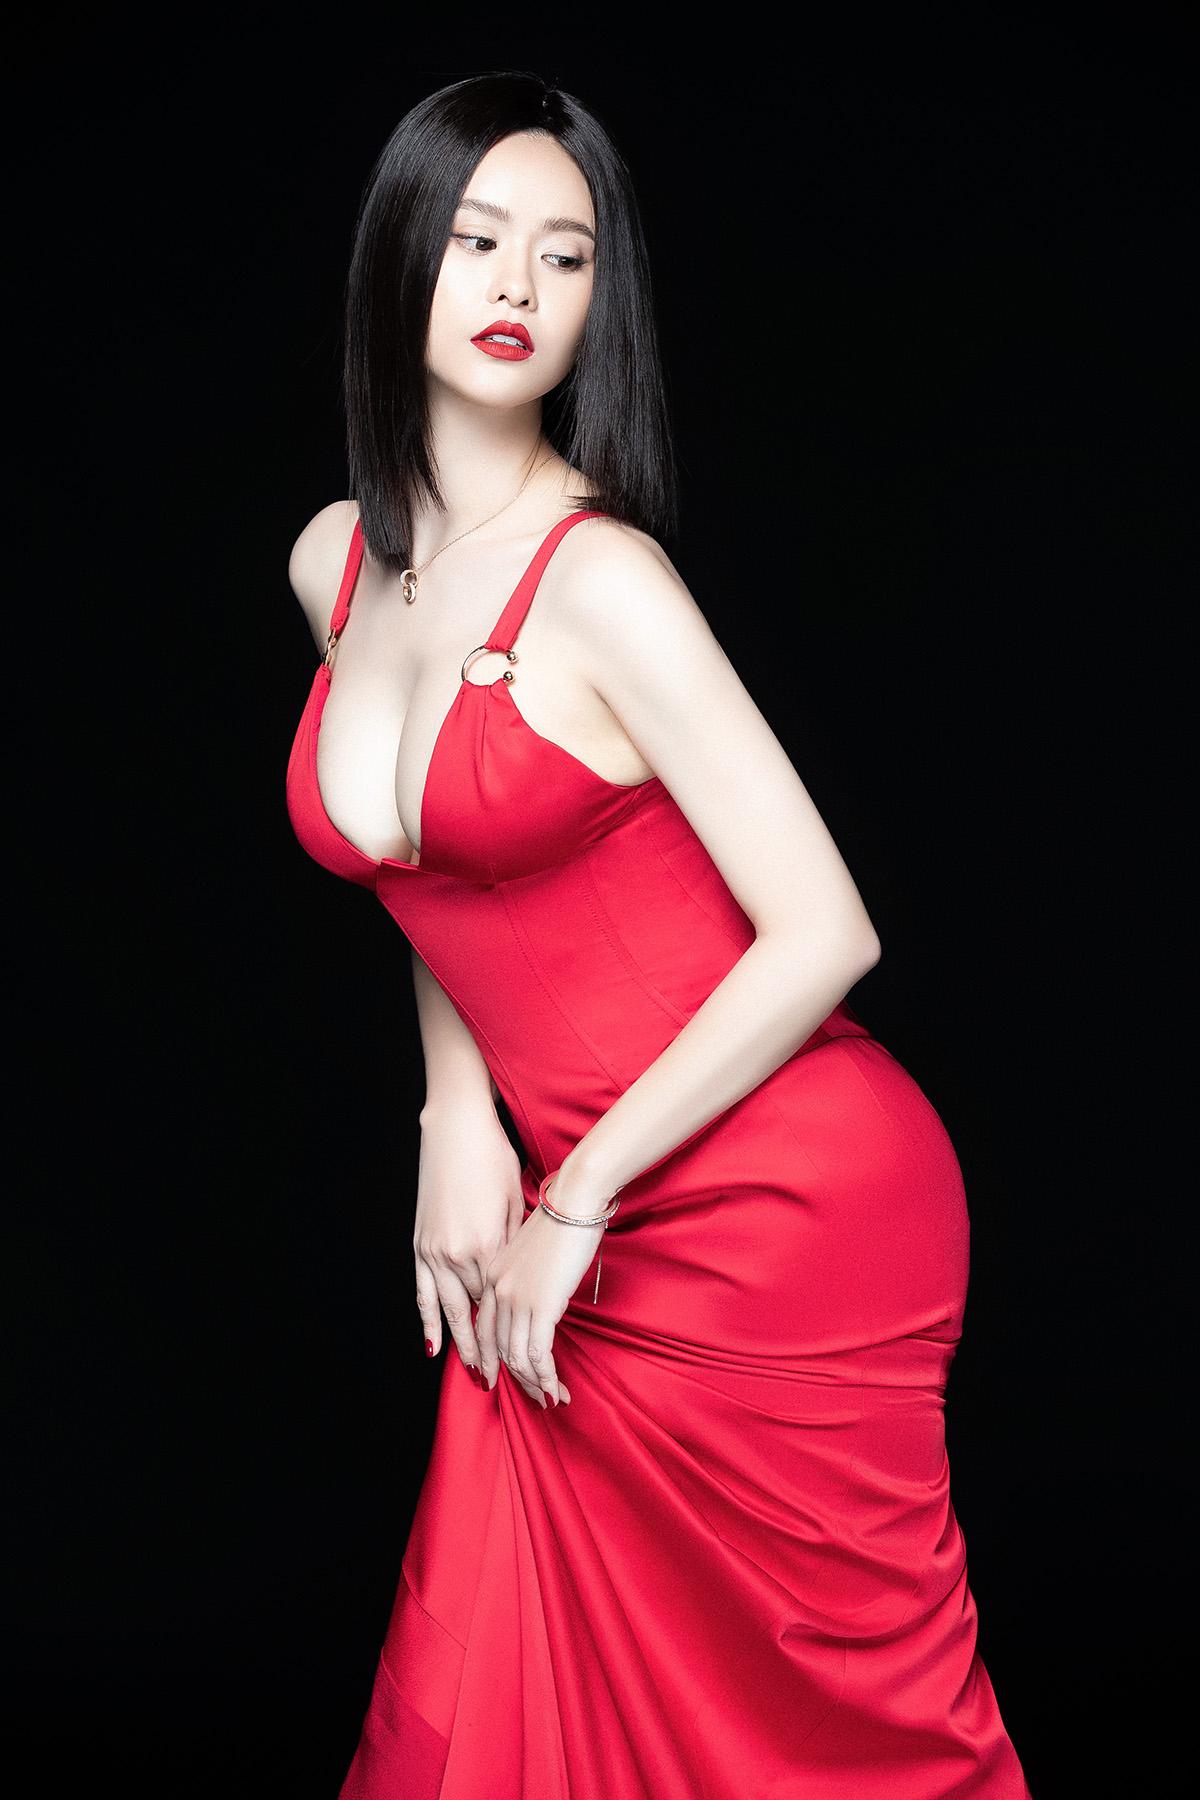 Sau ly hôn, Trương Quỳnh Anh hở bạo khoe vòng 1, chồng cũ lại bị chê bai thế này - 6